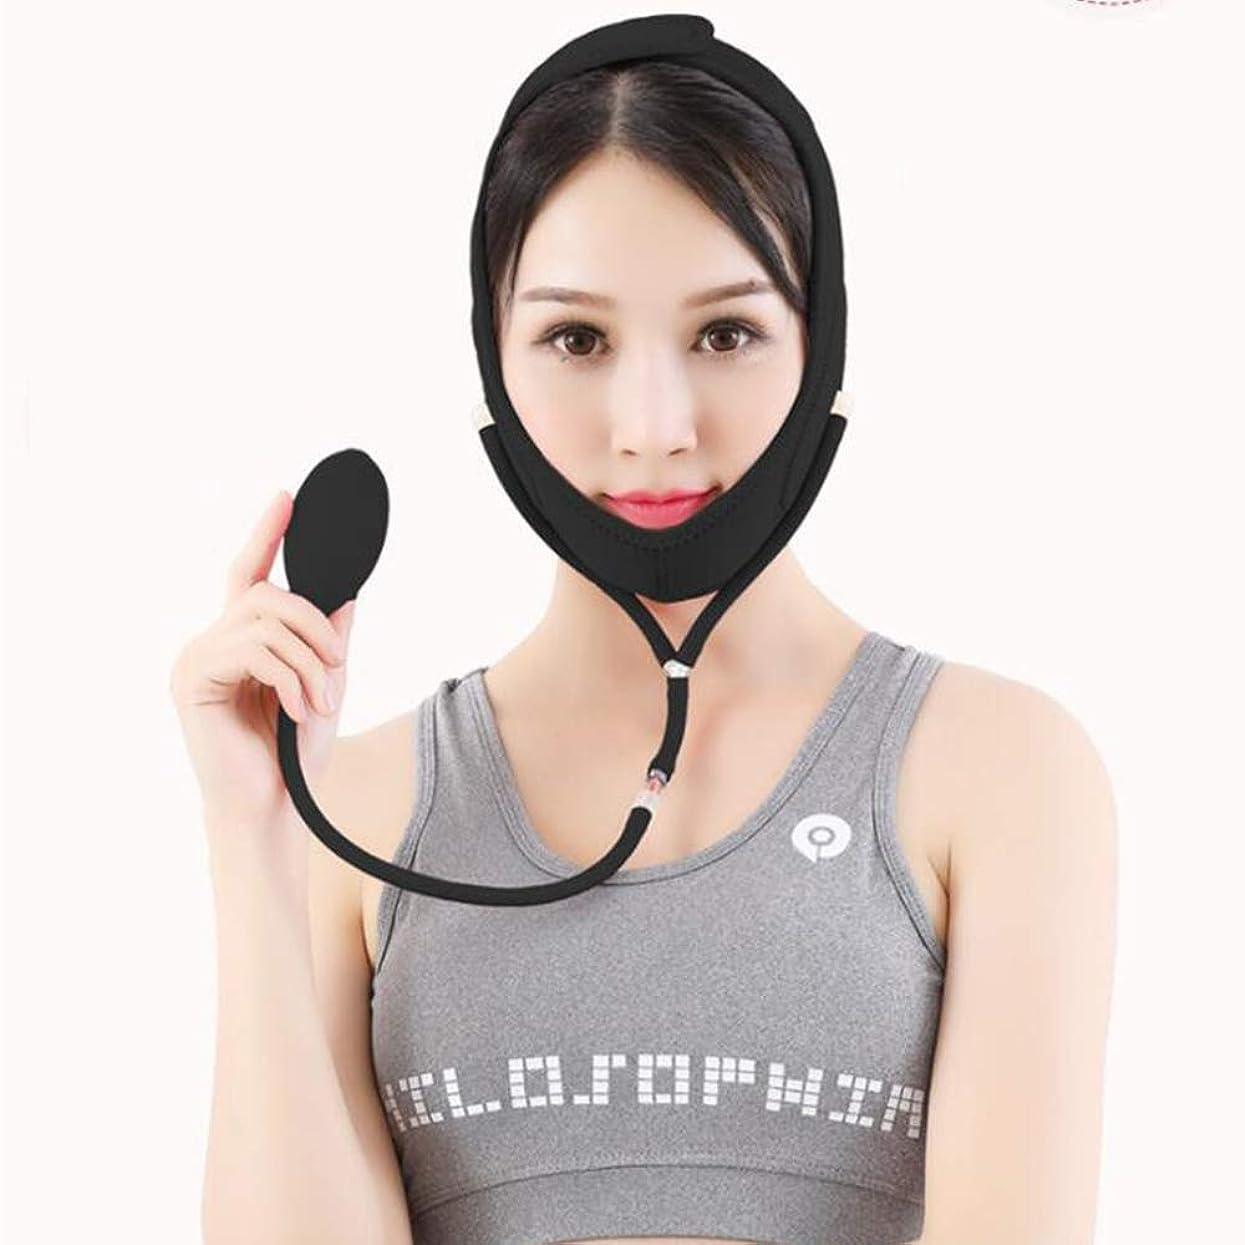 溶かす言い訳控えめなGYZ フェイシャルリフティング痩身ベルトダブルエアバッグ圧力調整フェイス包帯マスク整形マスクが顔を引き締める Thin Face Belt (Color : Black, Size : M)